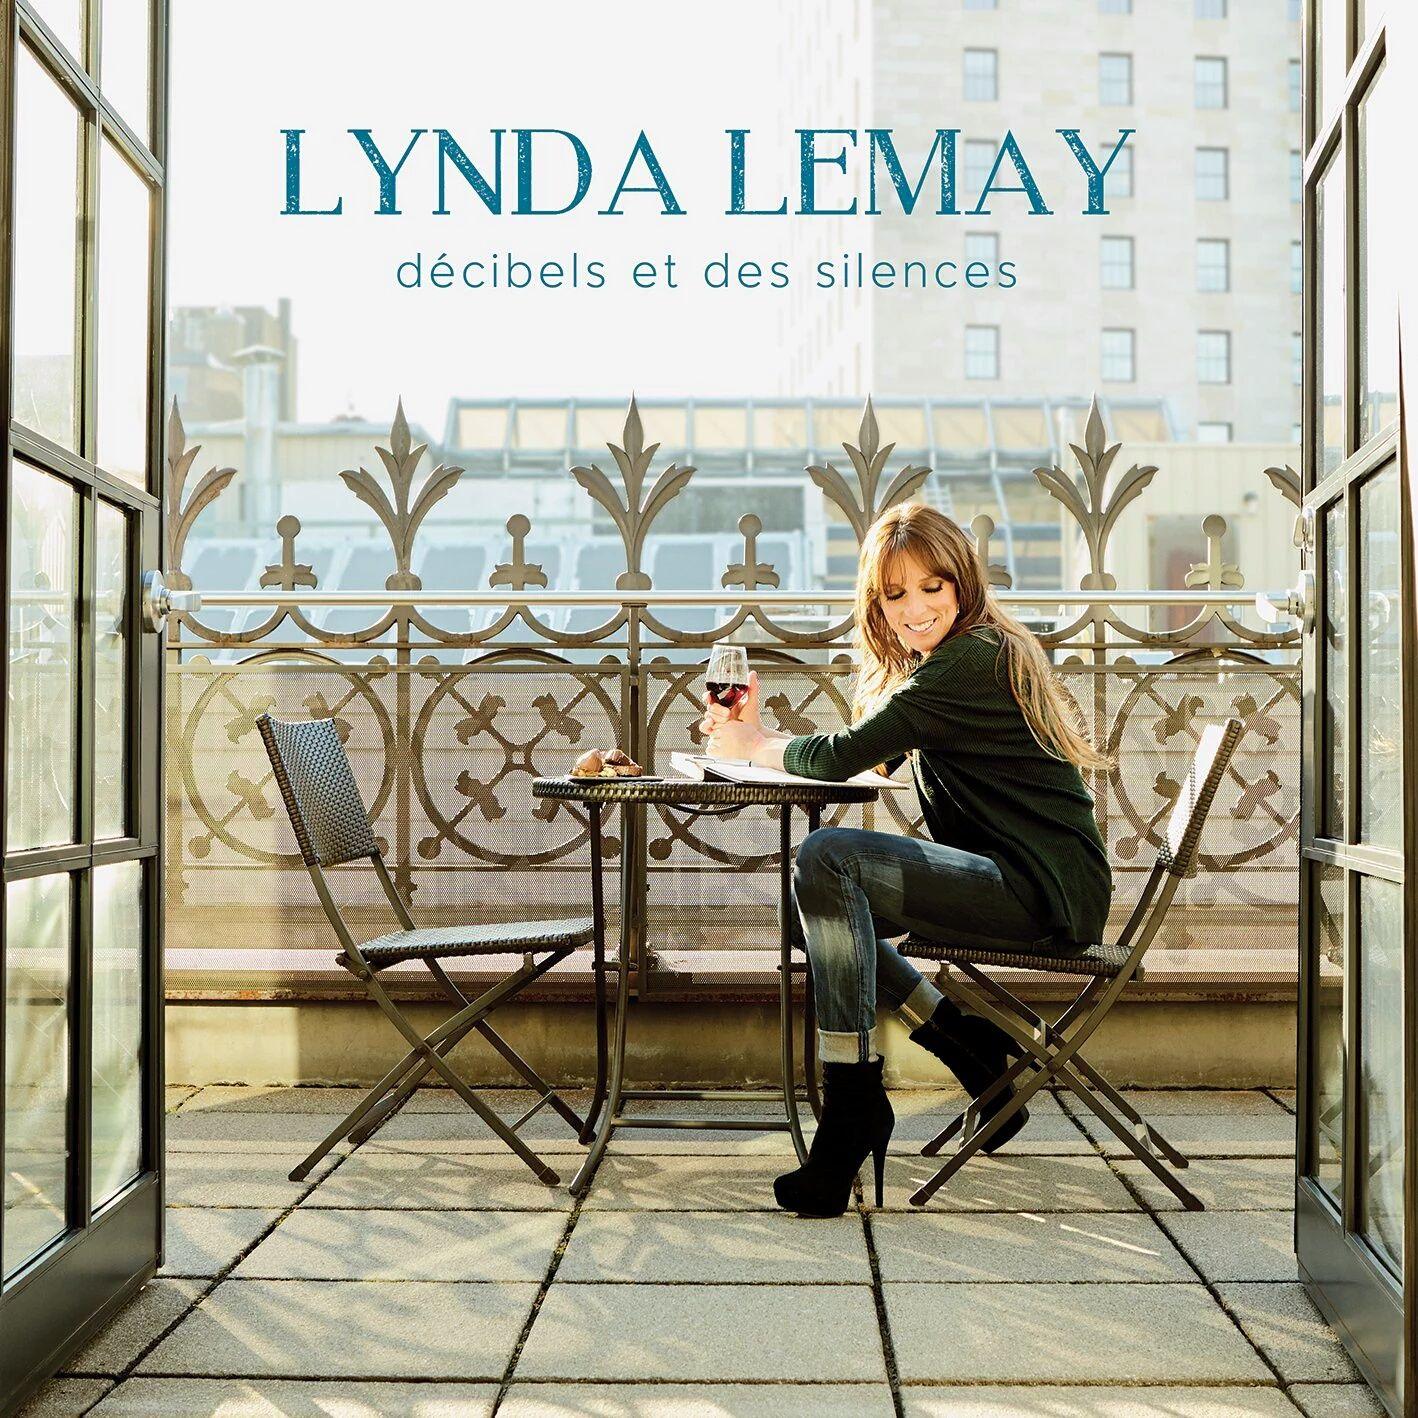 Lynda Lemay Decibels et des silences album 2016